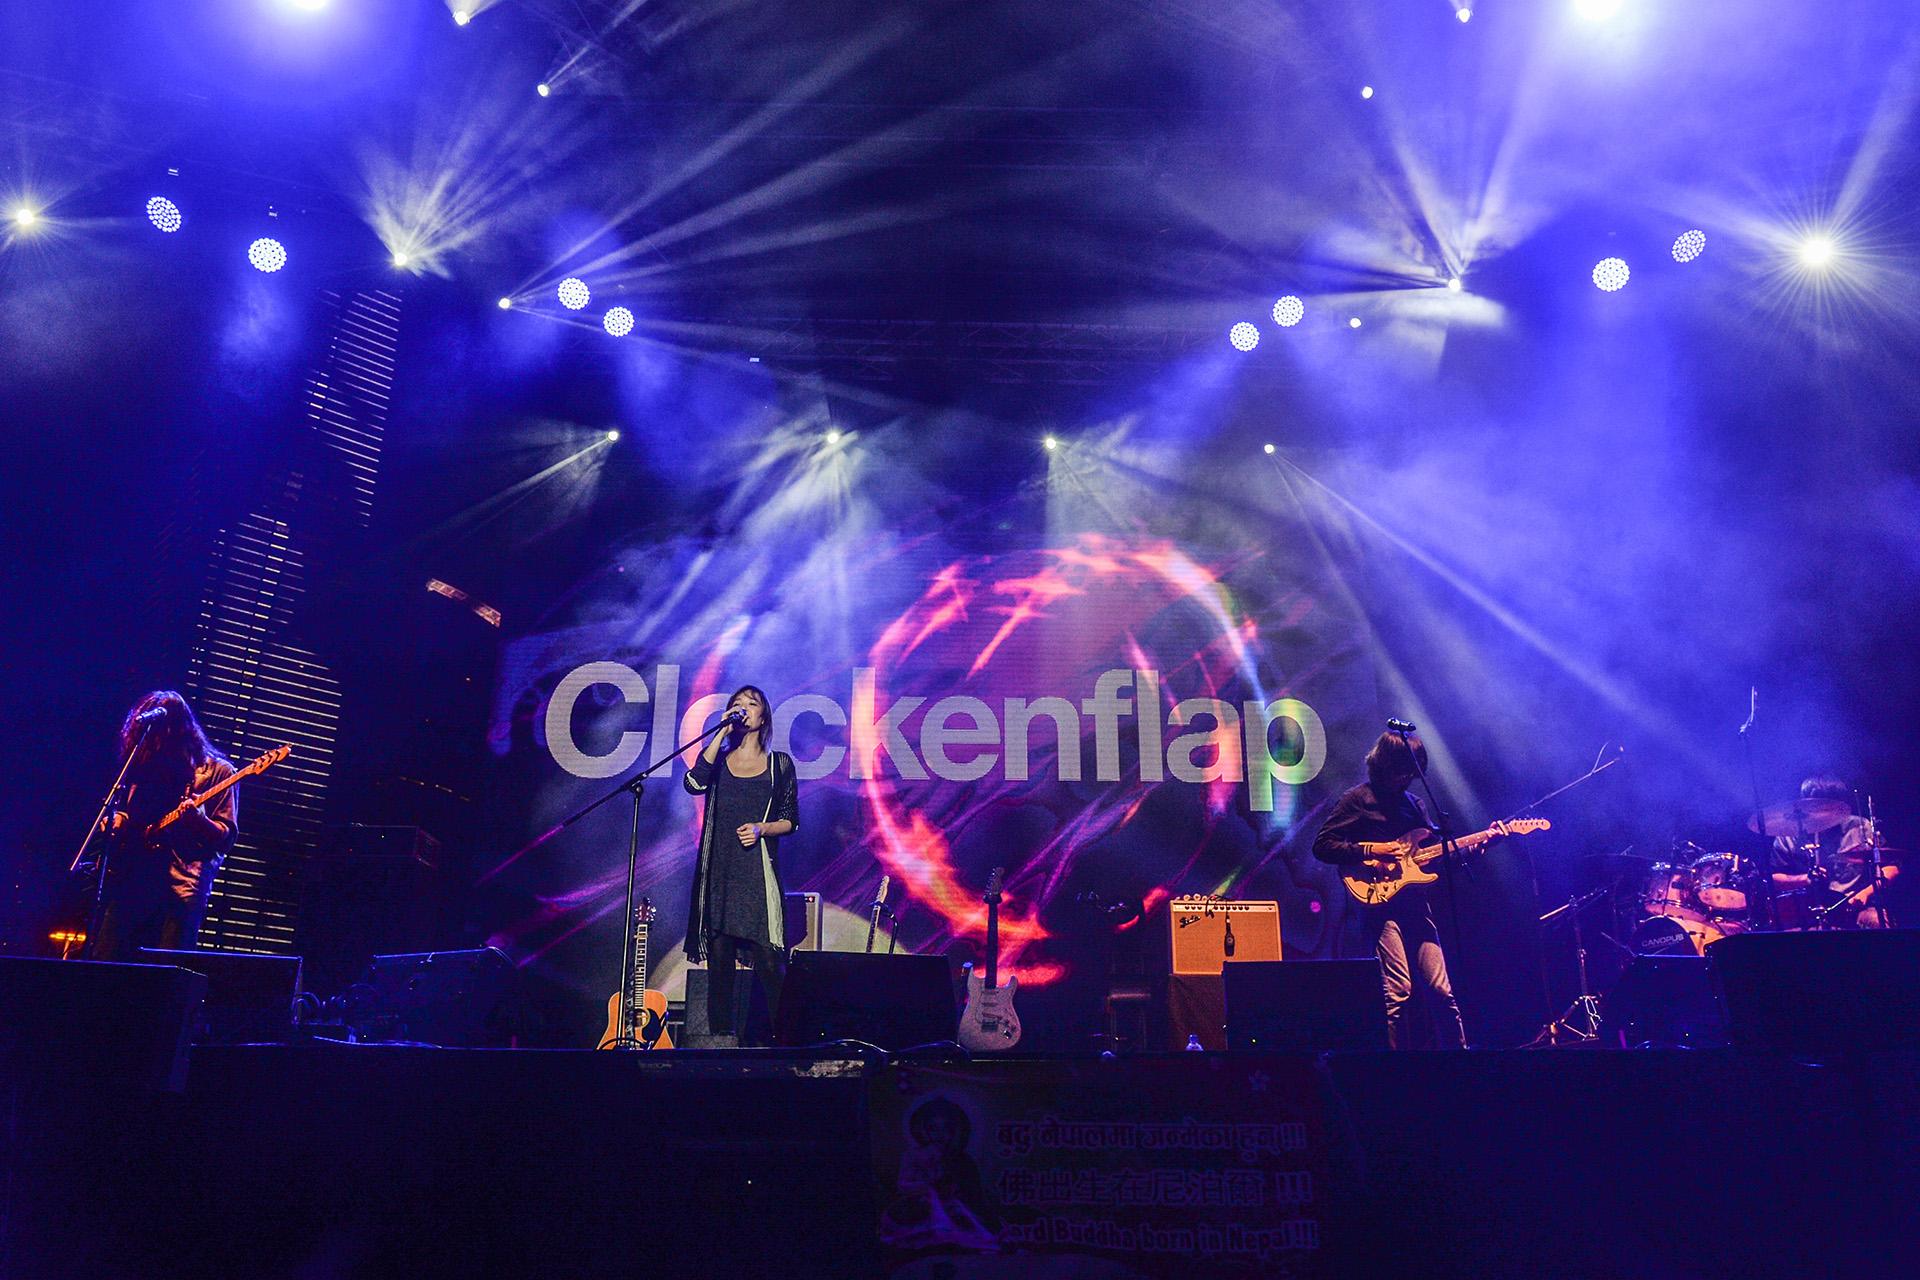 2014年,安溥曾出演本地音樂節Clockenflap。她認為音樂節的氣氛讓她自在,來自世界各地的音樂人也可在後台輕鬆地交流聊天。